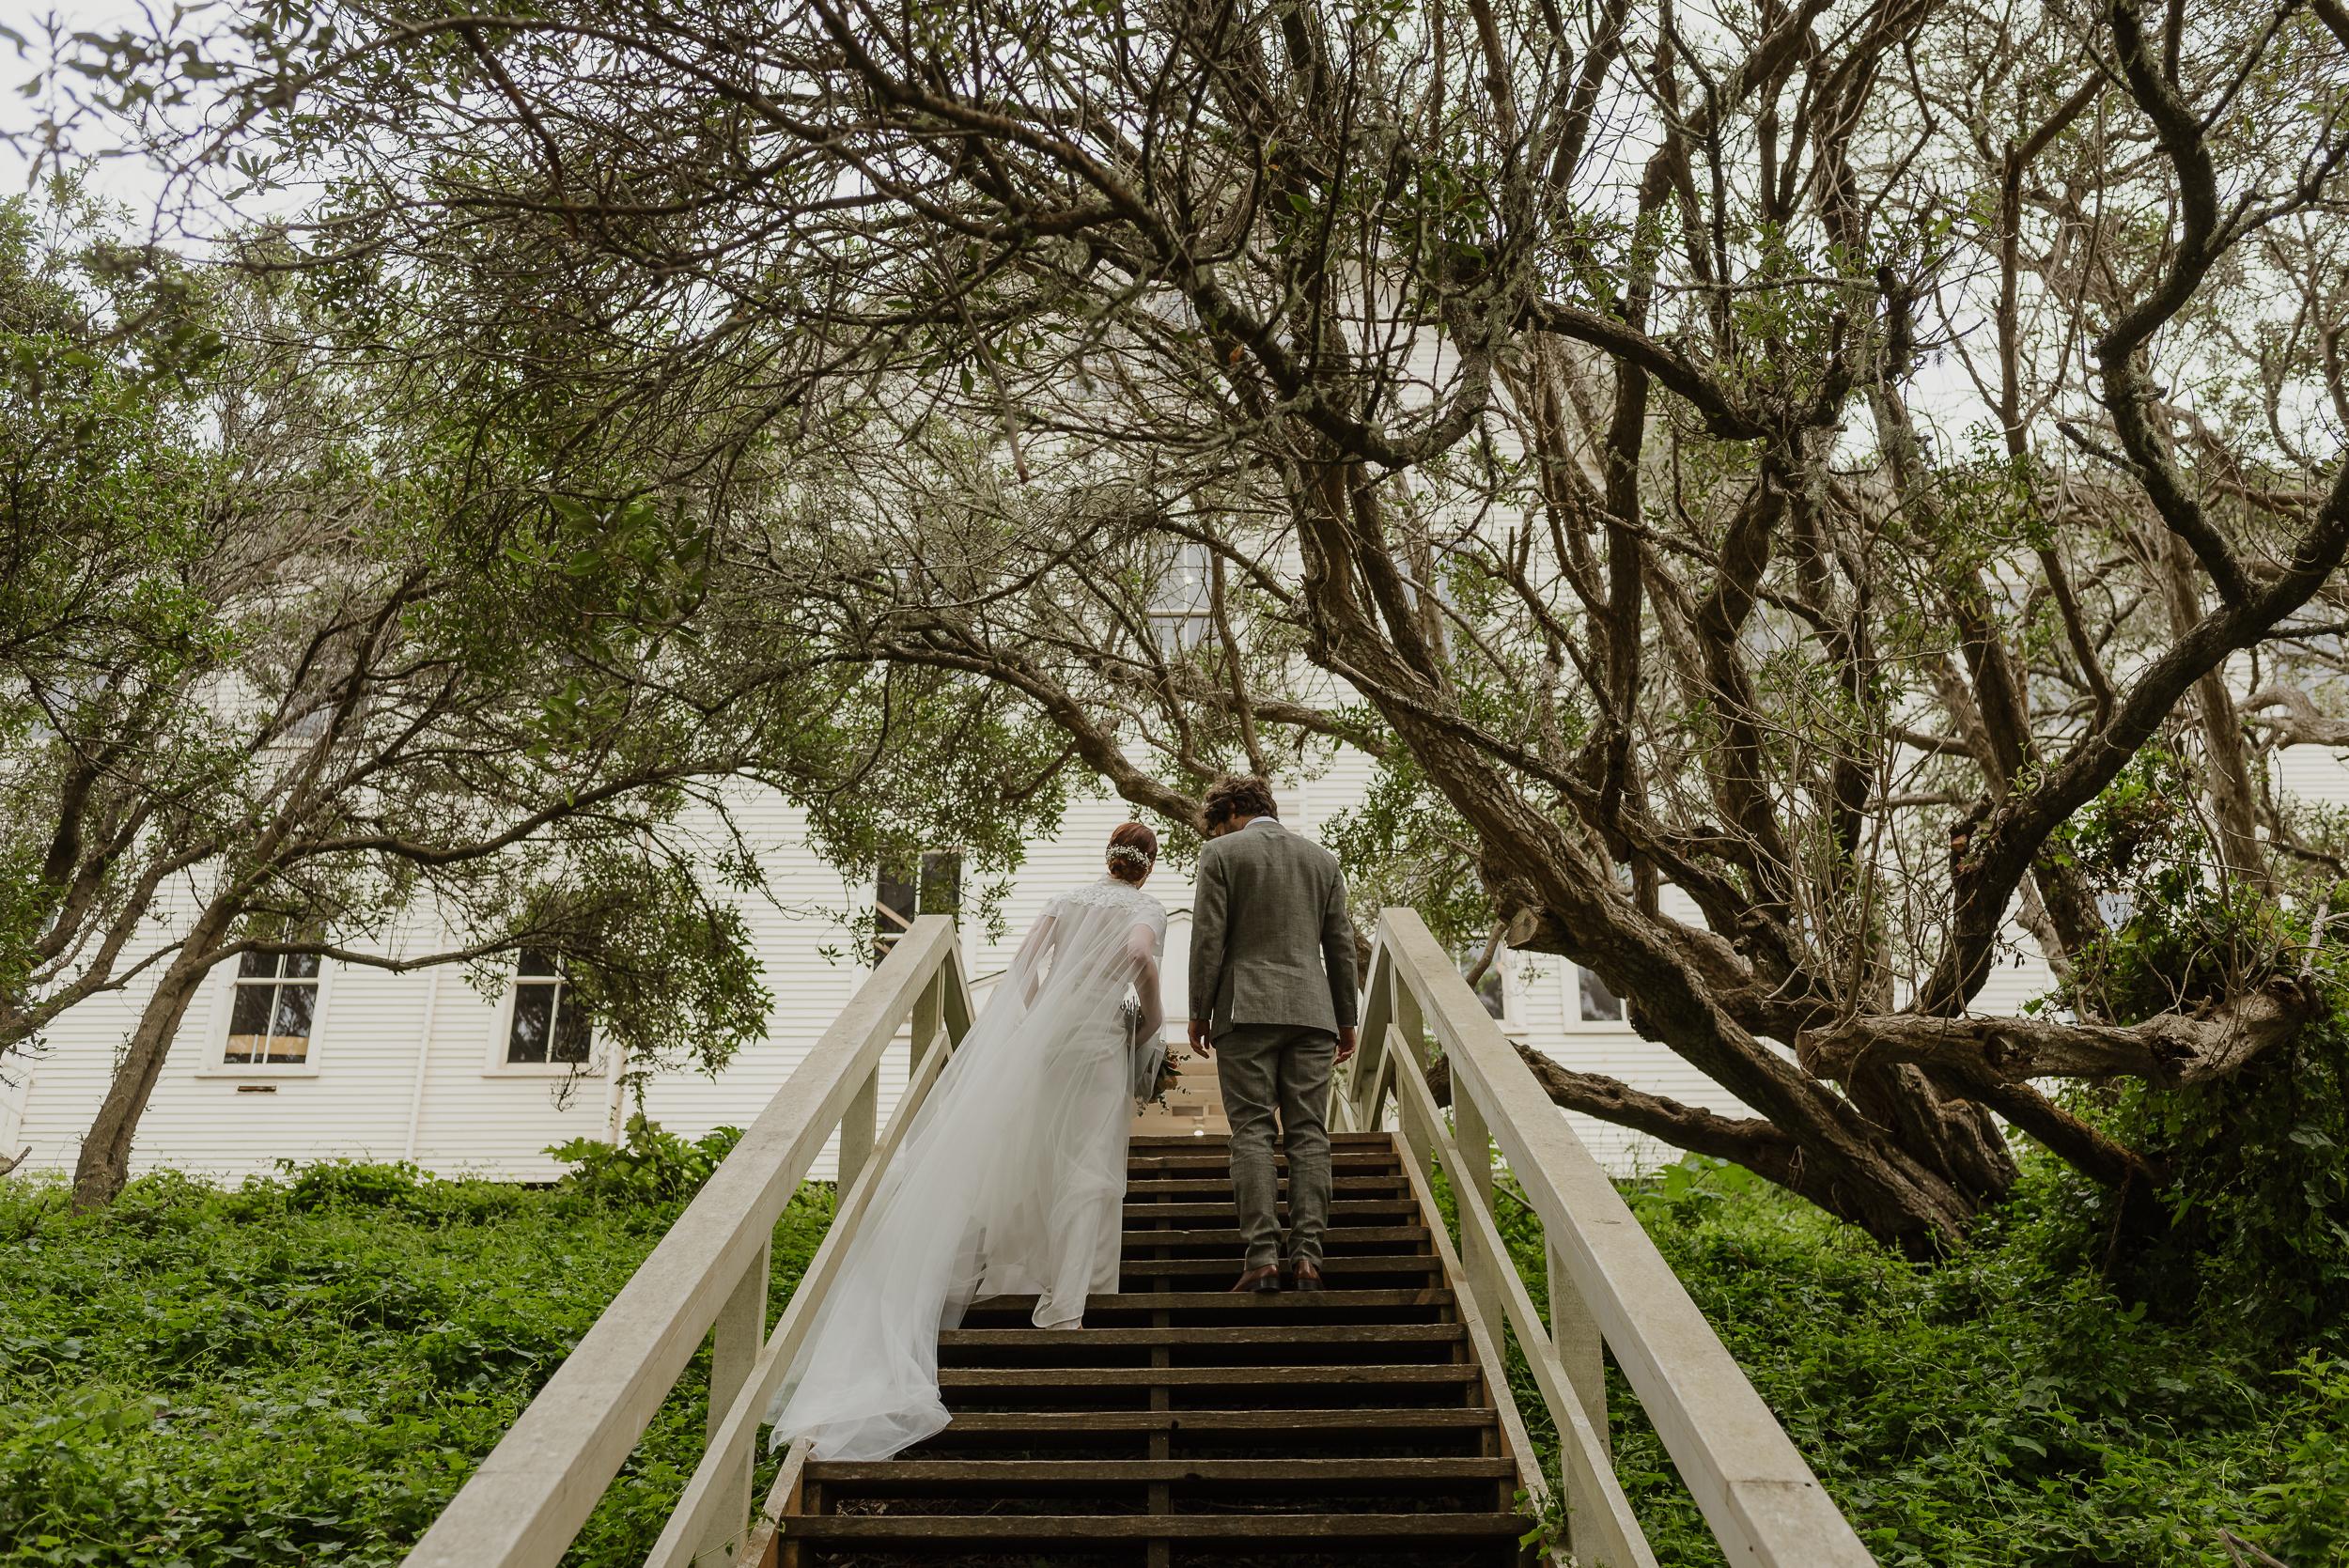 062-san-francisco-headlands-center-for-the-arts-wedding-vivianchen-386.jpg